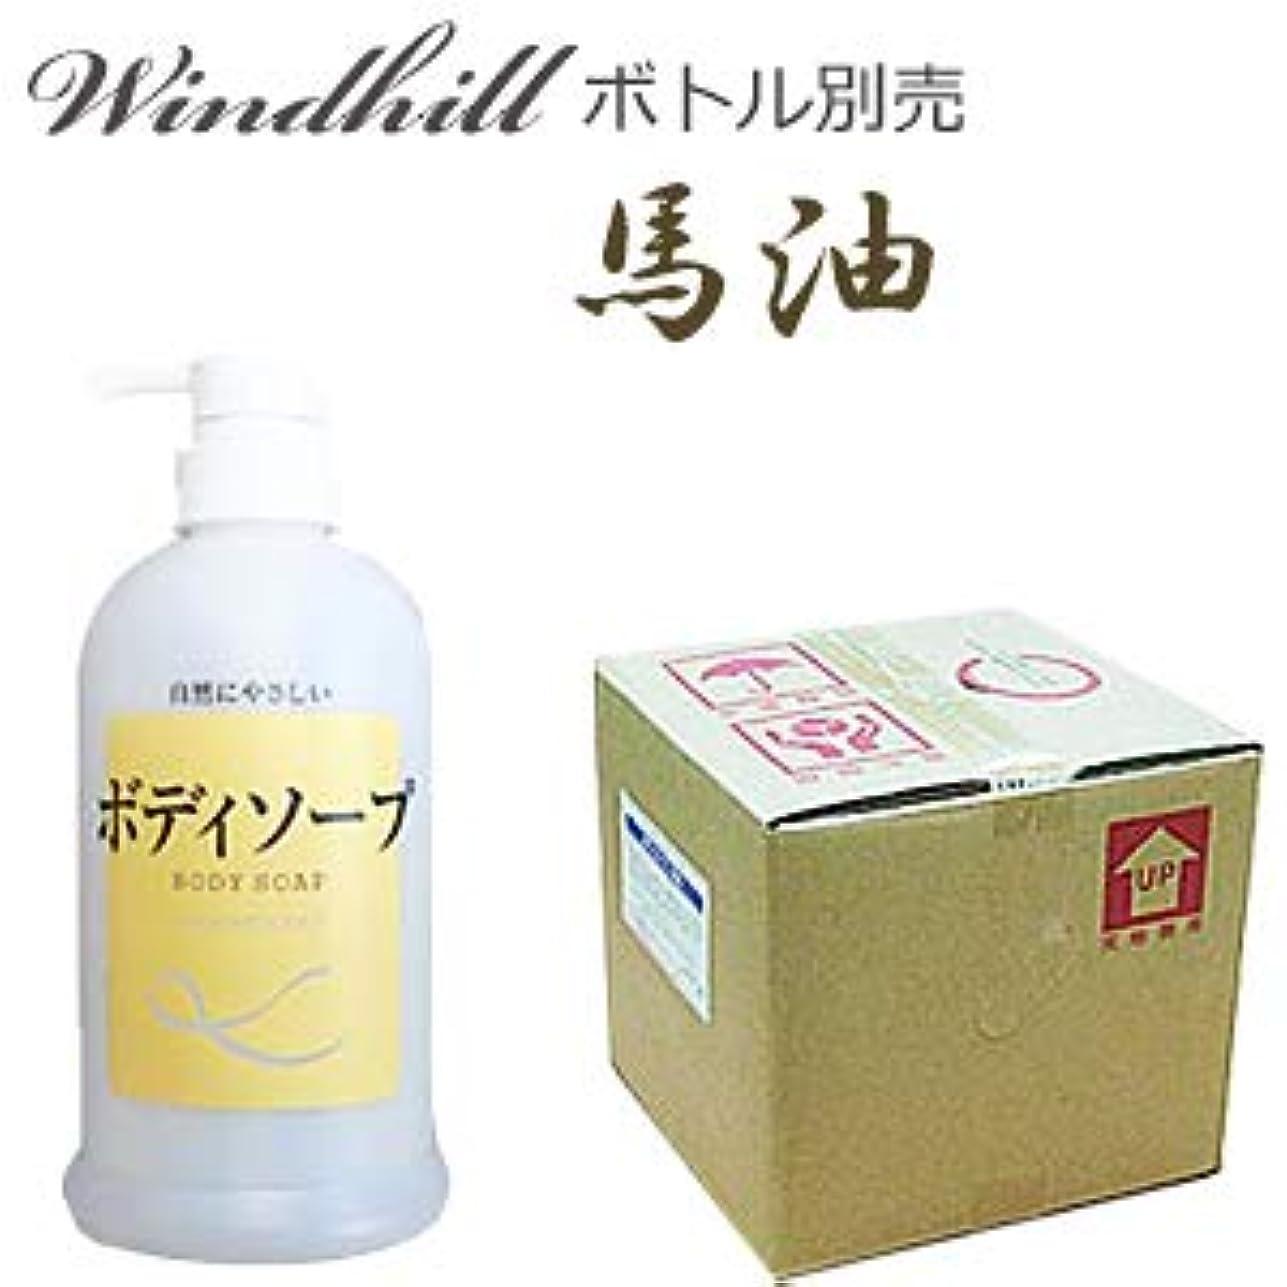 ニックネーム消費ペットなんと! 500ml当り190円 Windhill 馬油 業務用 ボディソープ   フローラルの香り 20L